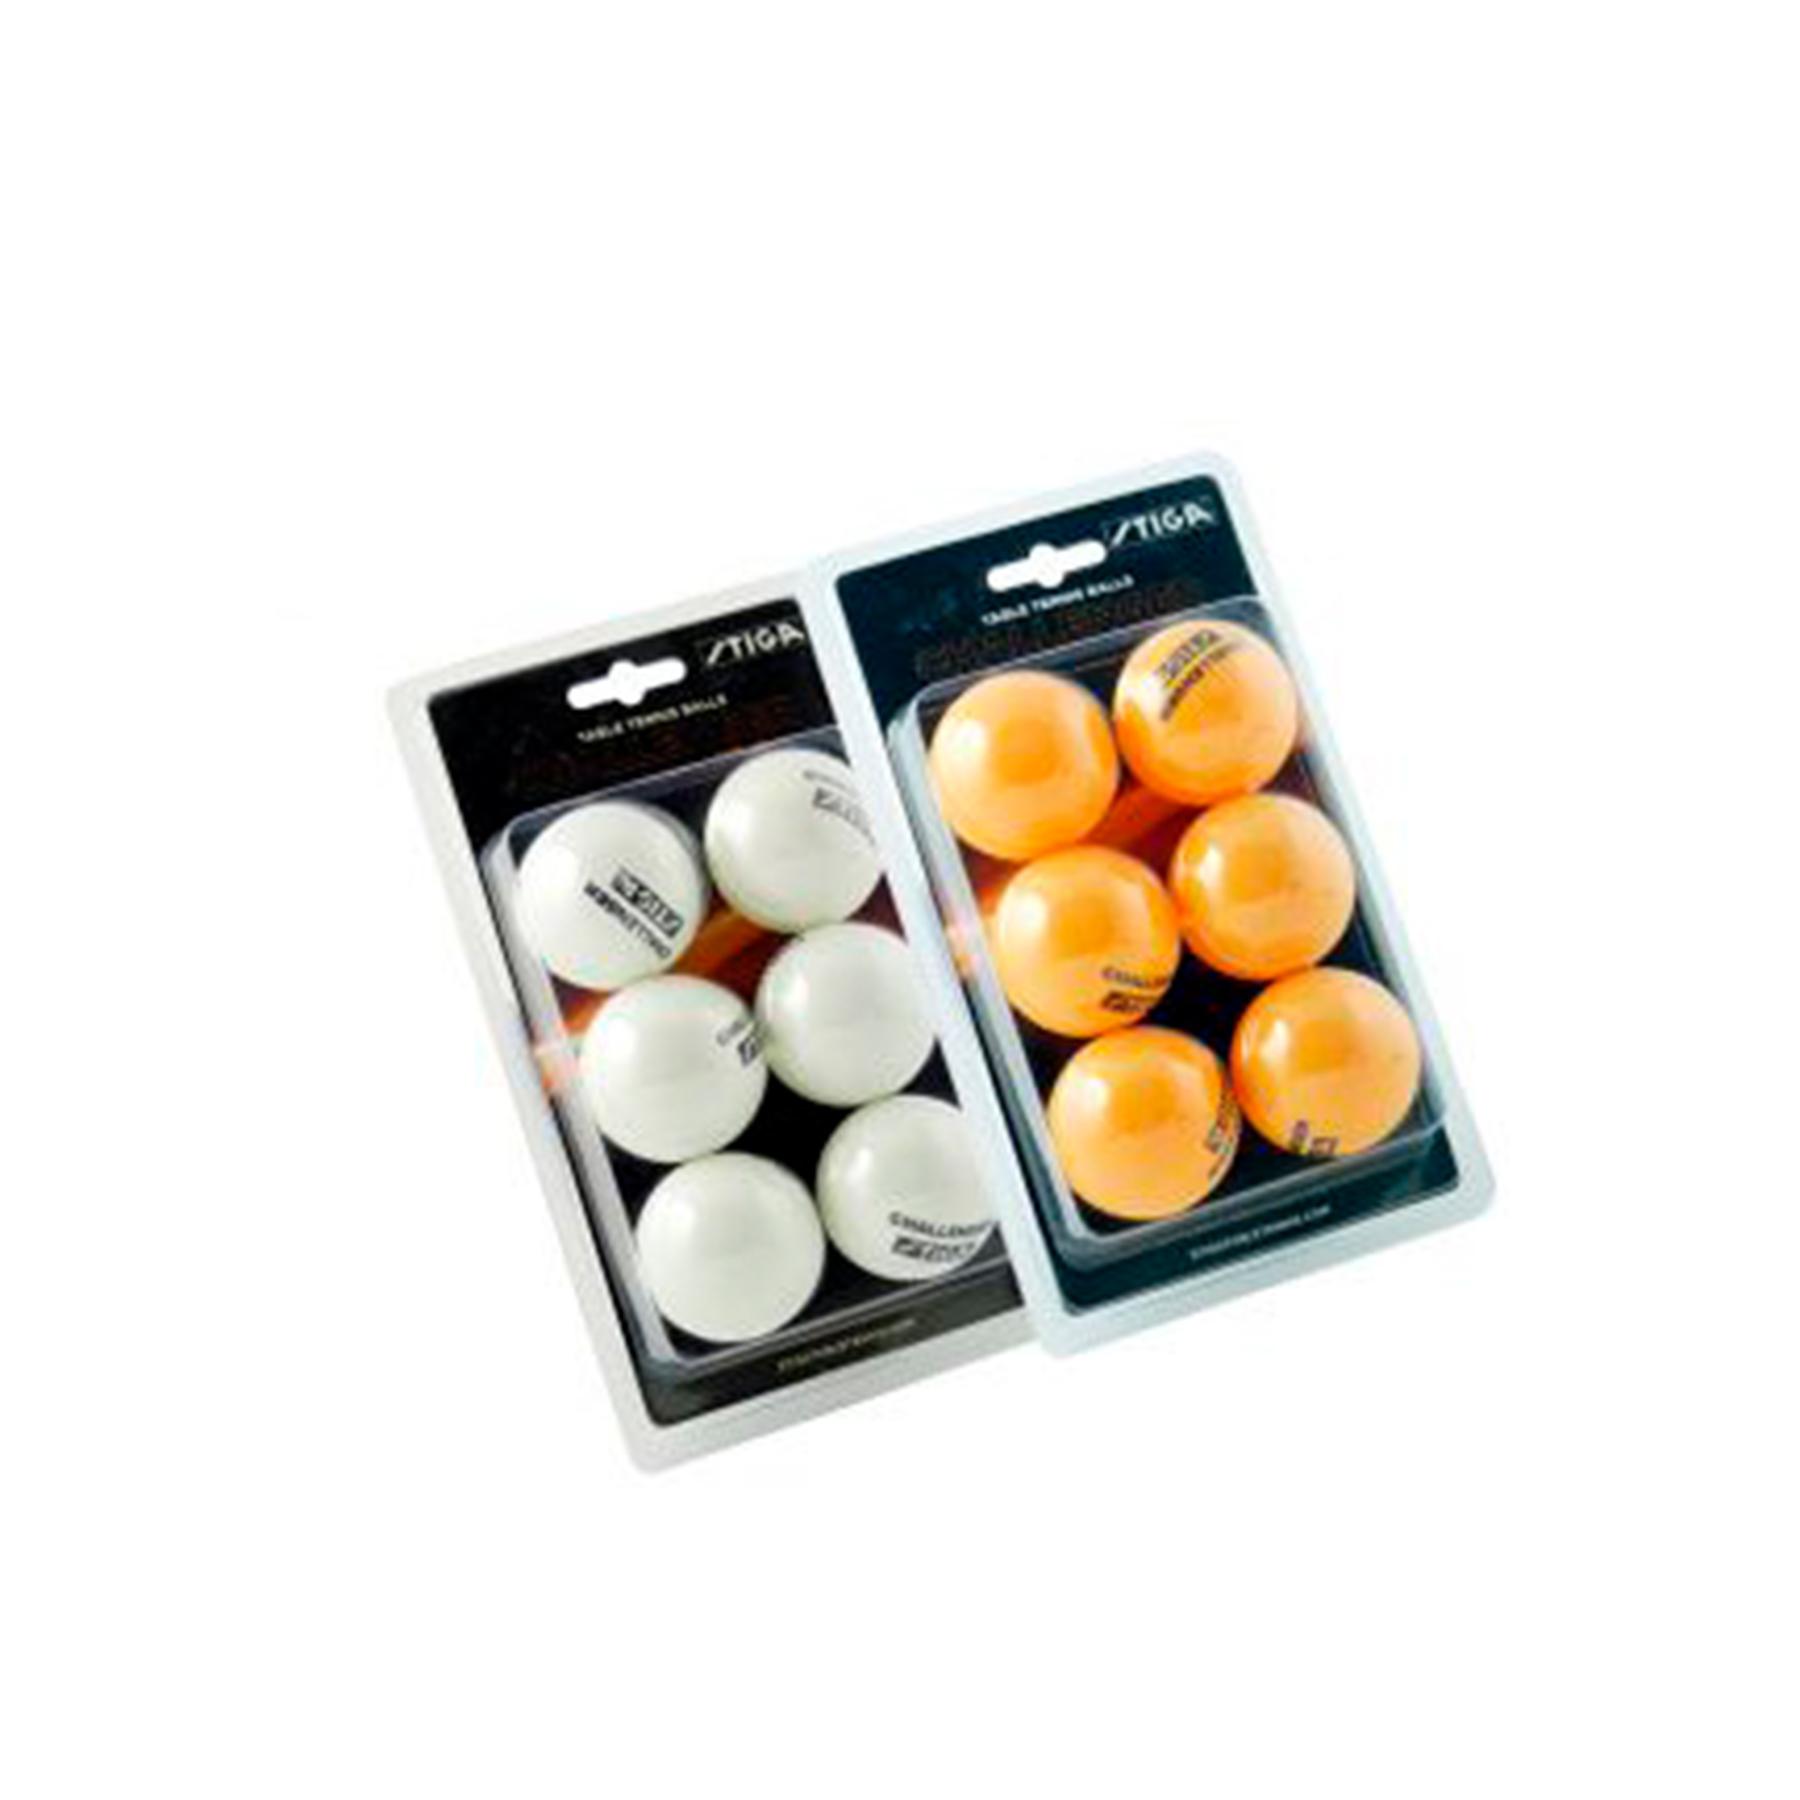 Мячик н/т Cornilleau P-BALL ABS Evolution 2* ITTF 40+ 6шт/уп арт.330050